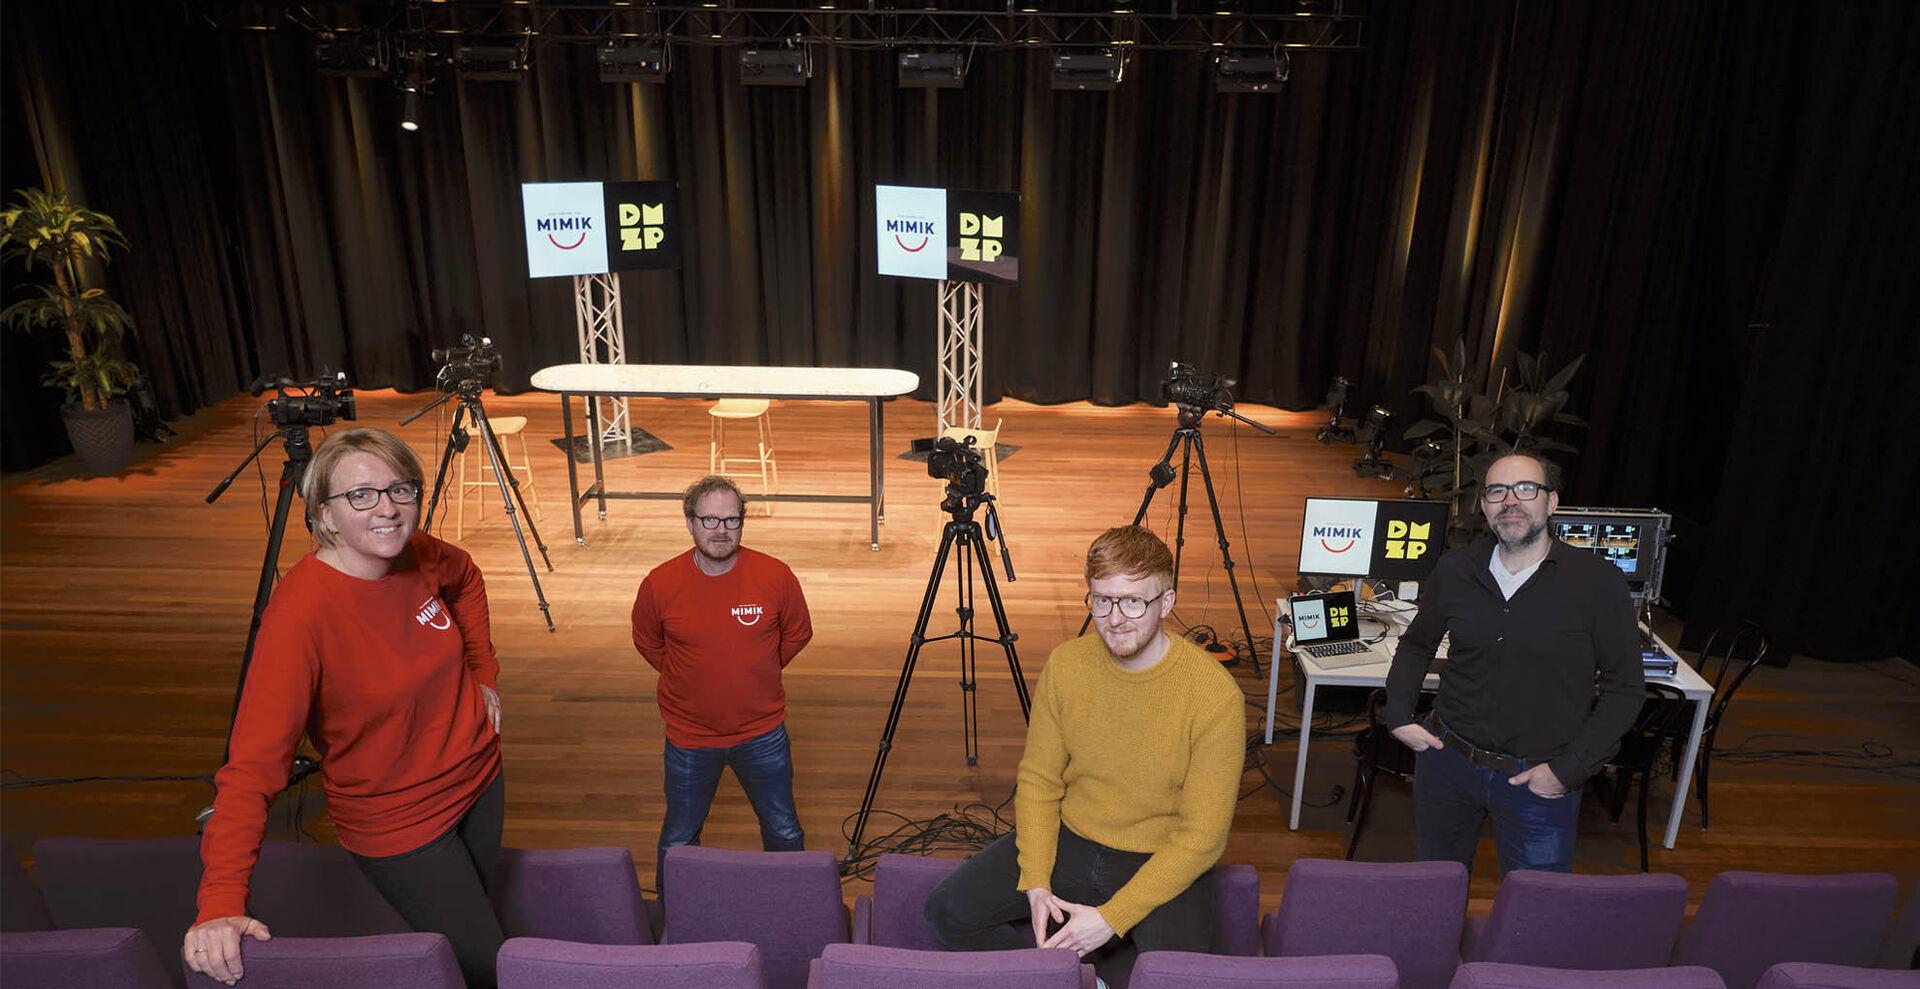 Professionele online live-uitzendingen bij MIMIK